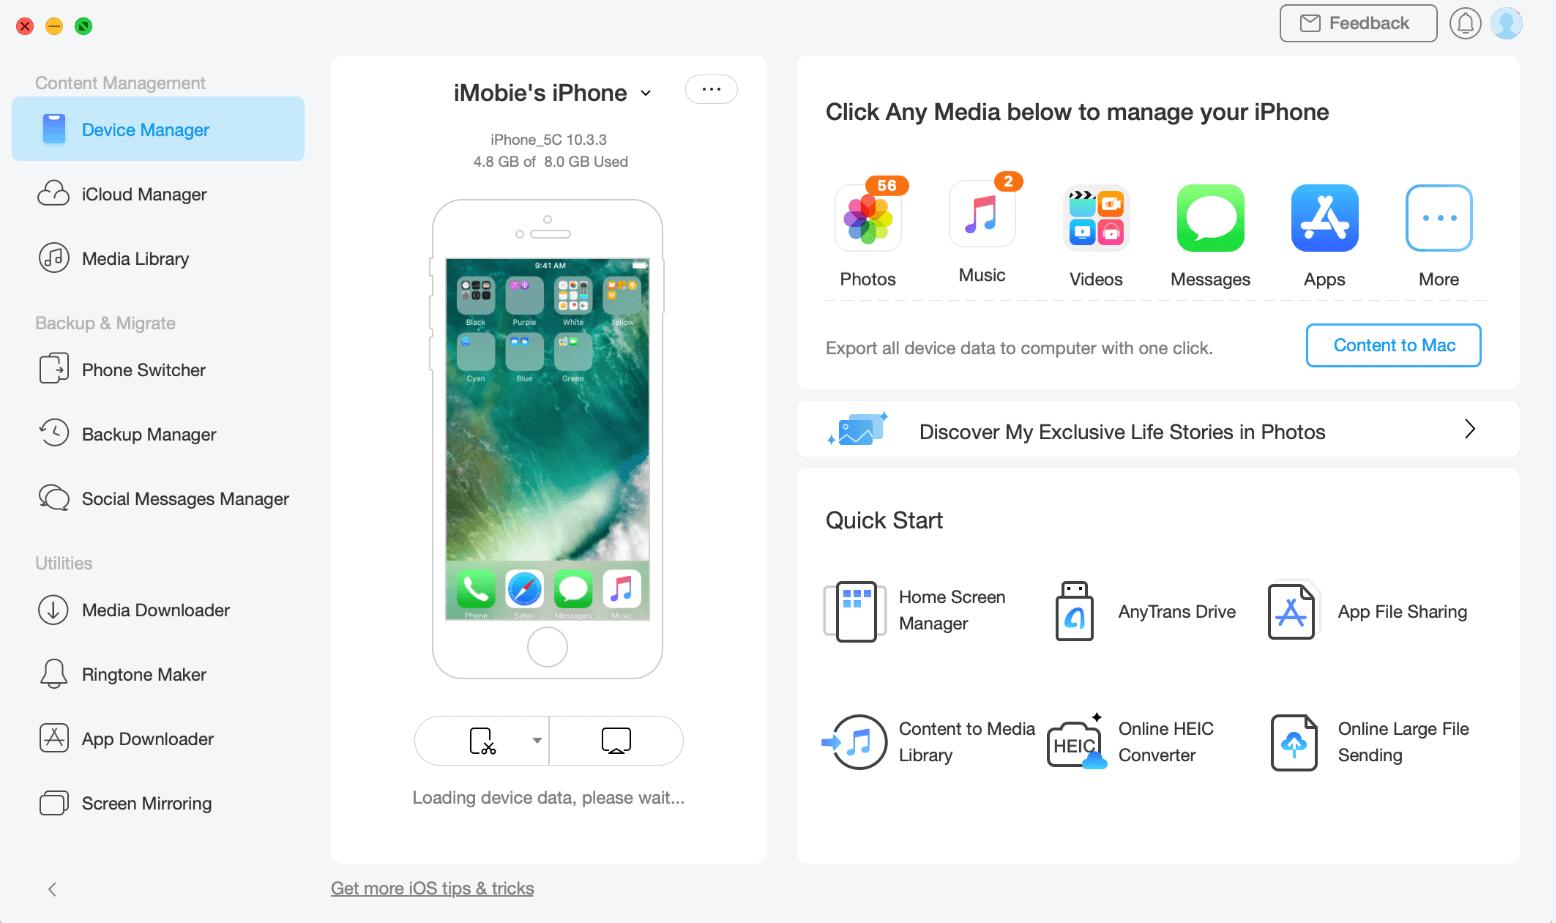 App File Sharing-2